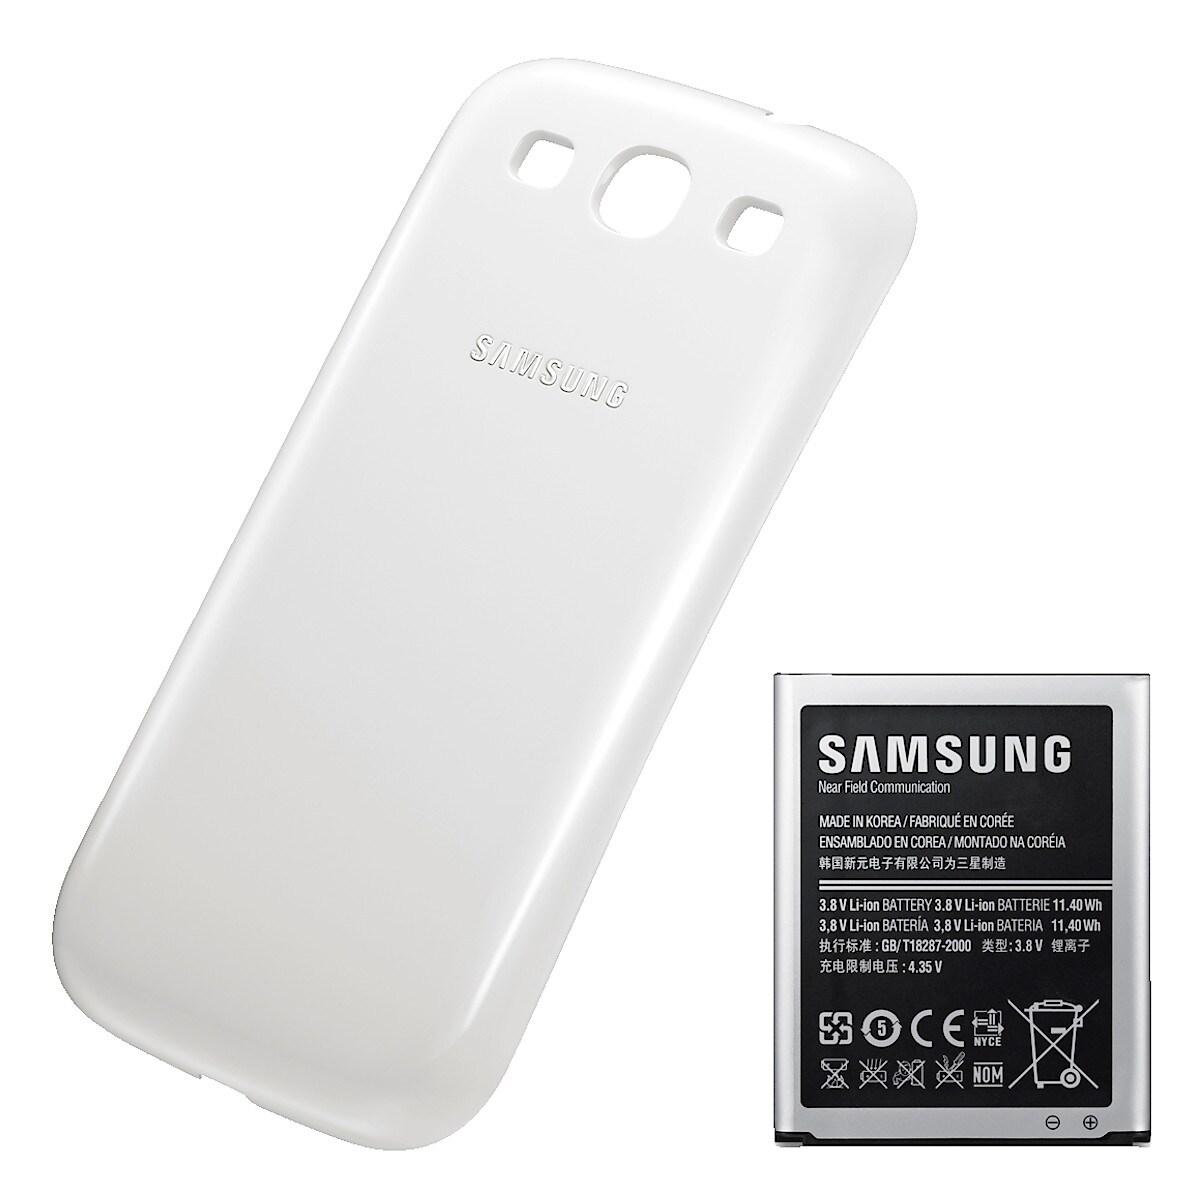 Telefonbatteri til Samsung Galaxy SIII